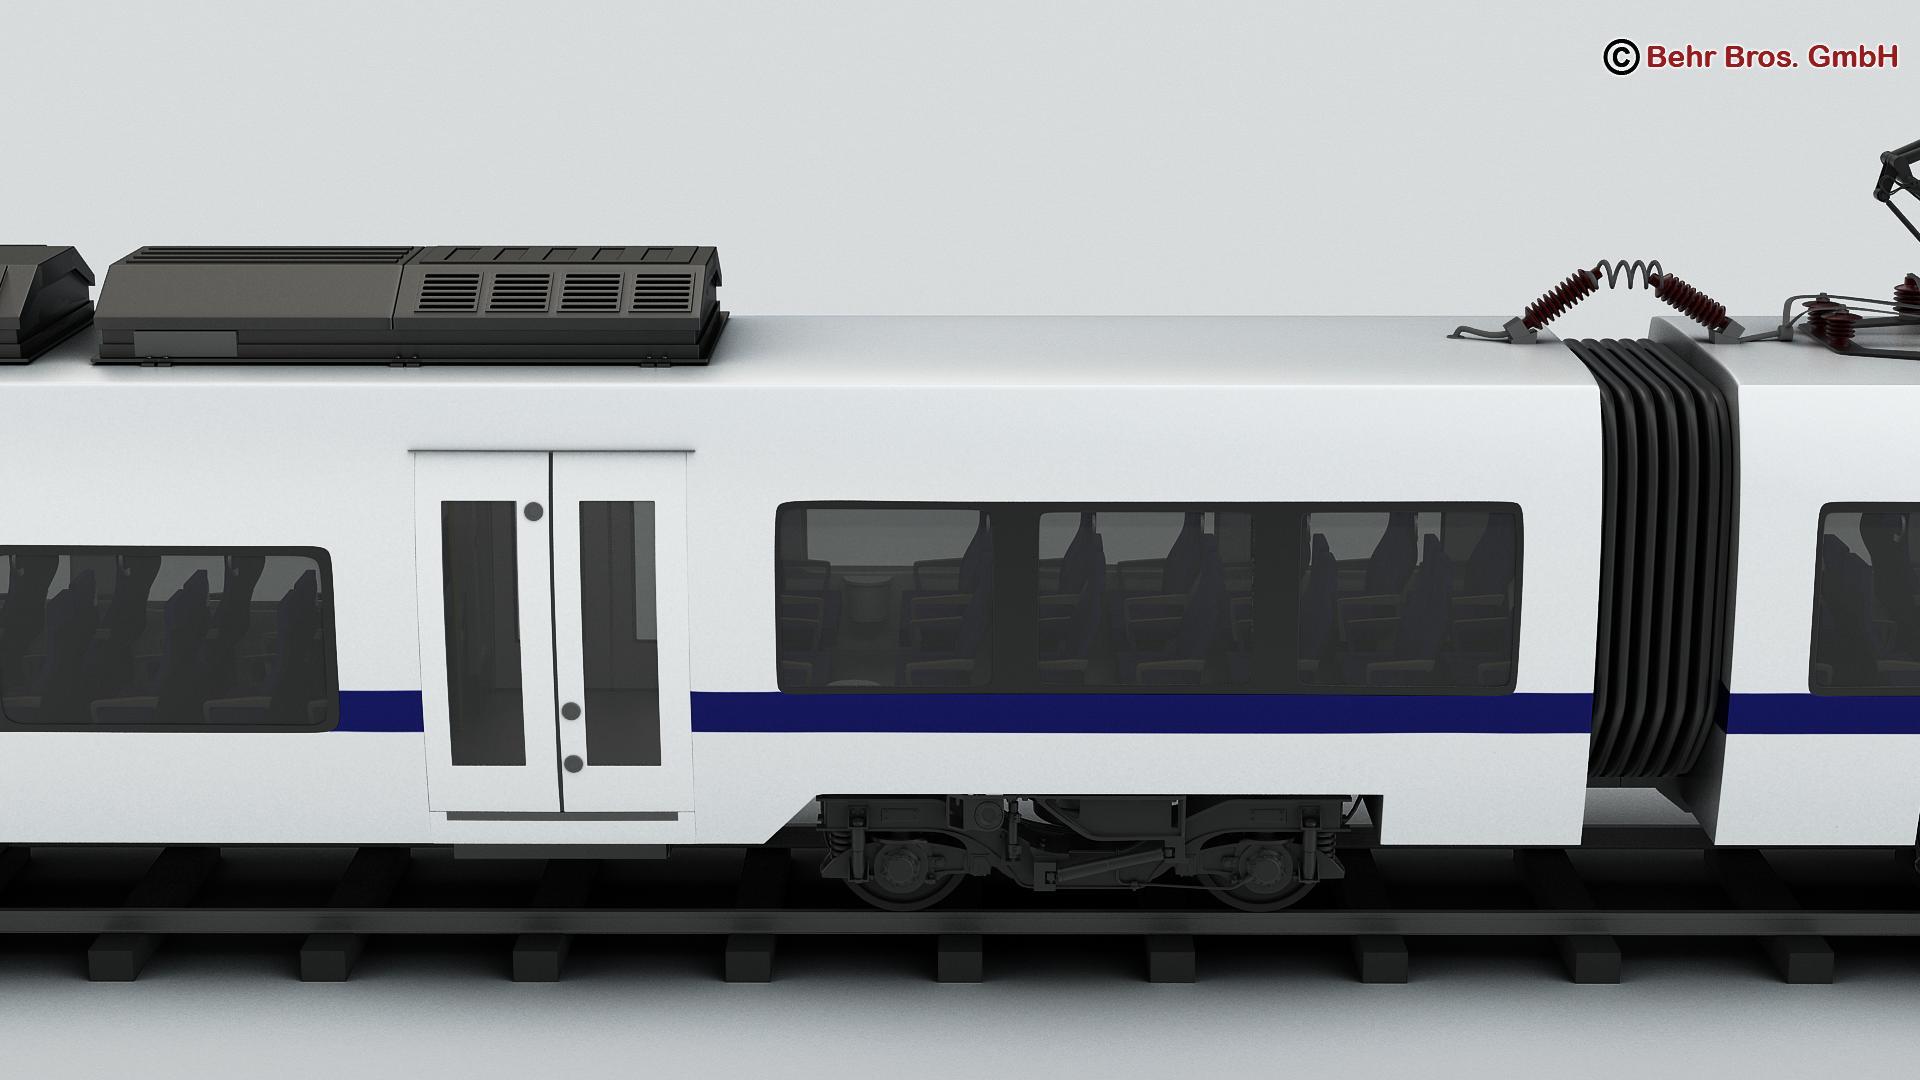 generic commuter train 3d model 3ds max fbx c4d ma mb obj 206619